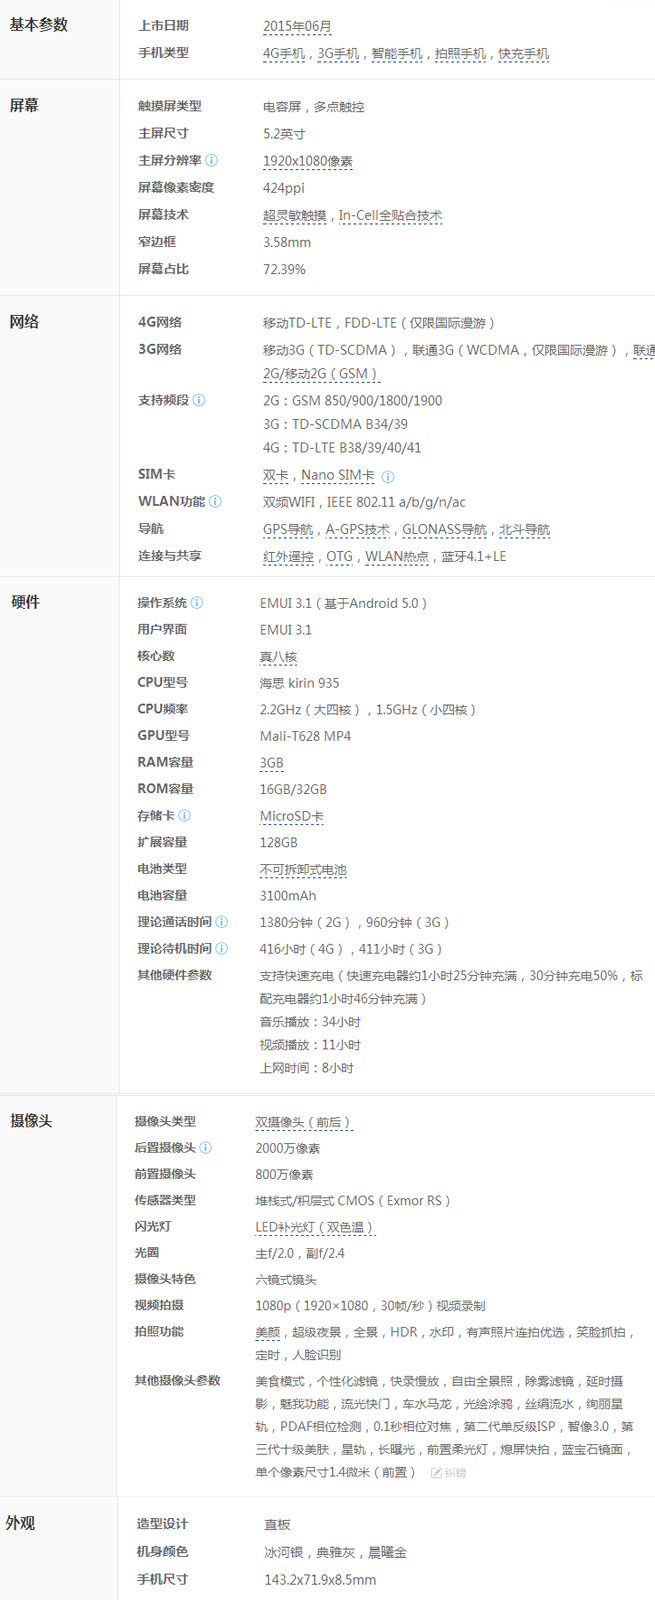 【华为荣耀7】价格_荣耀7发布会_参数评测手机参数